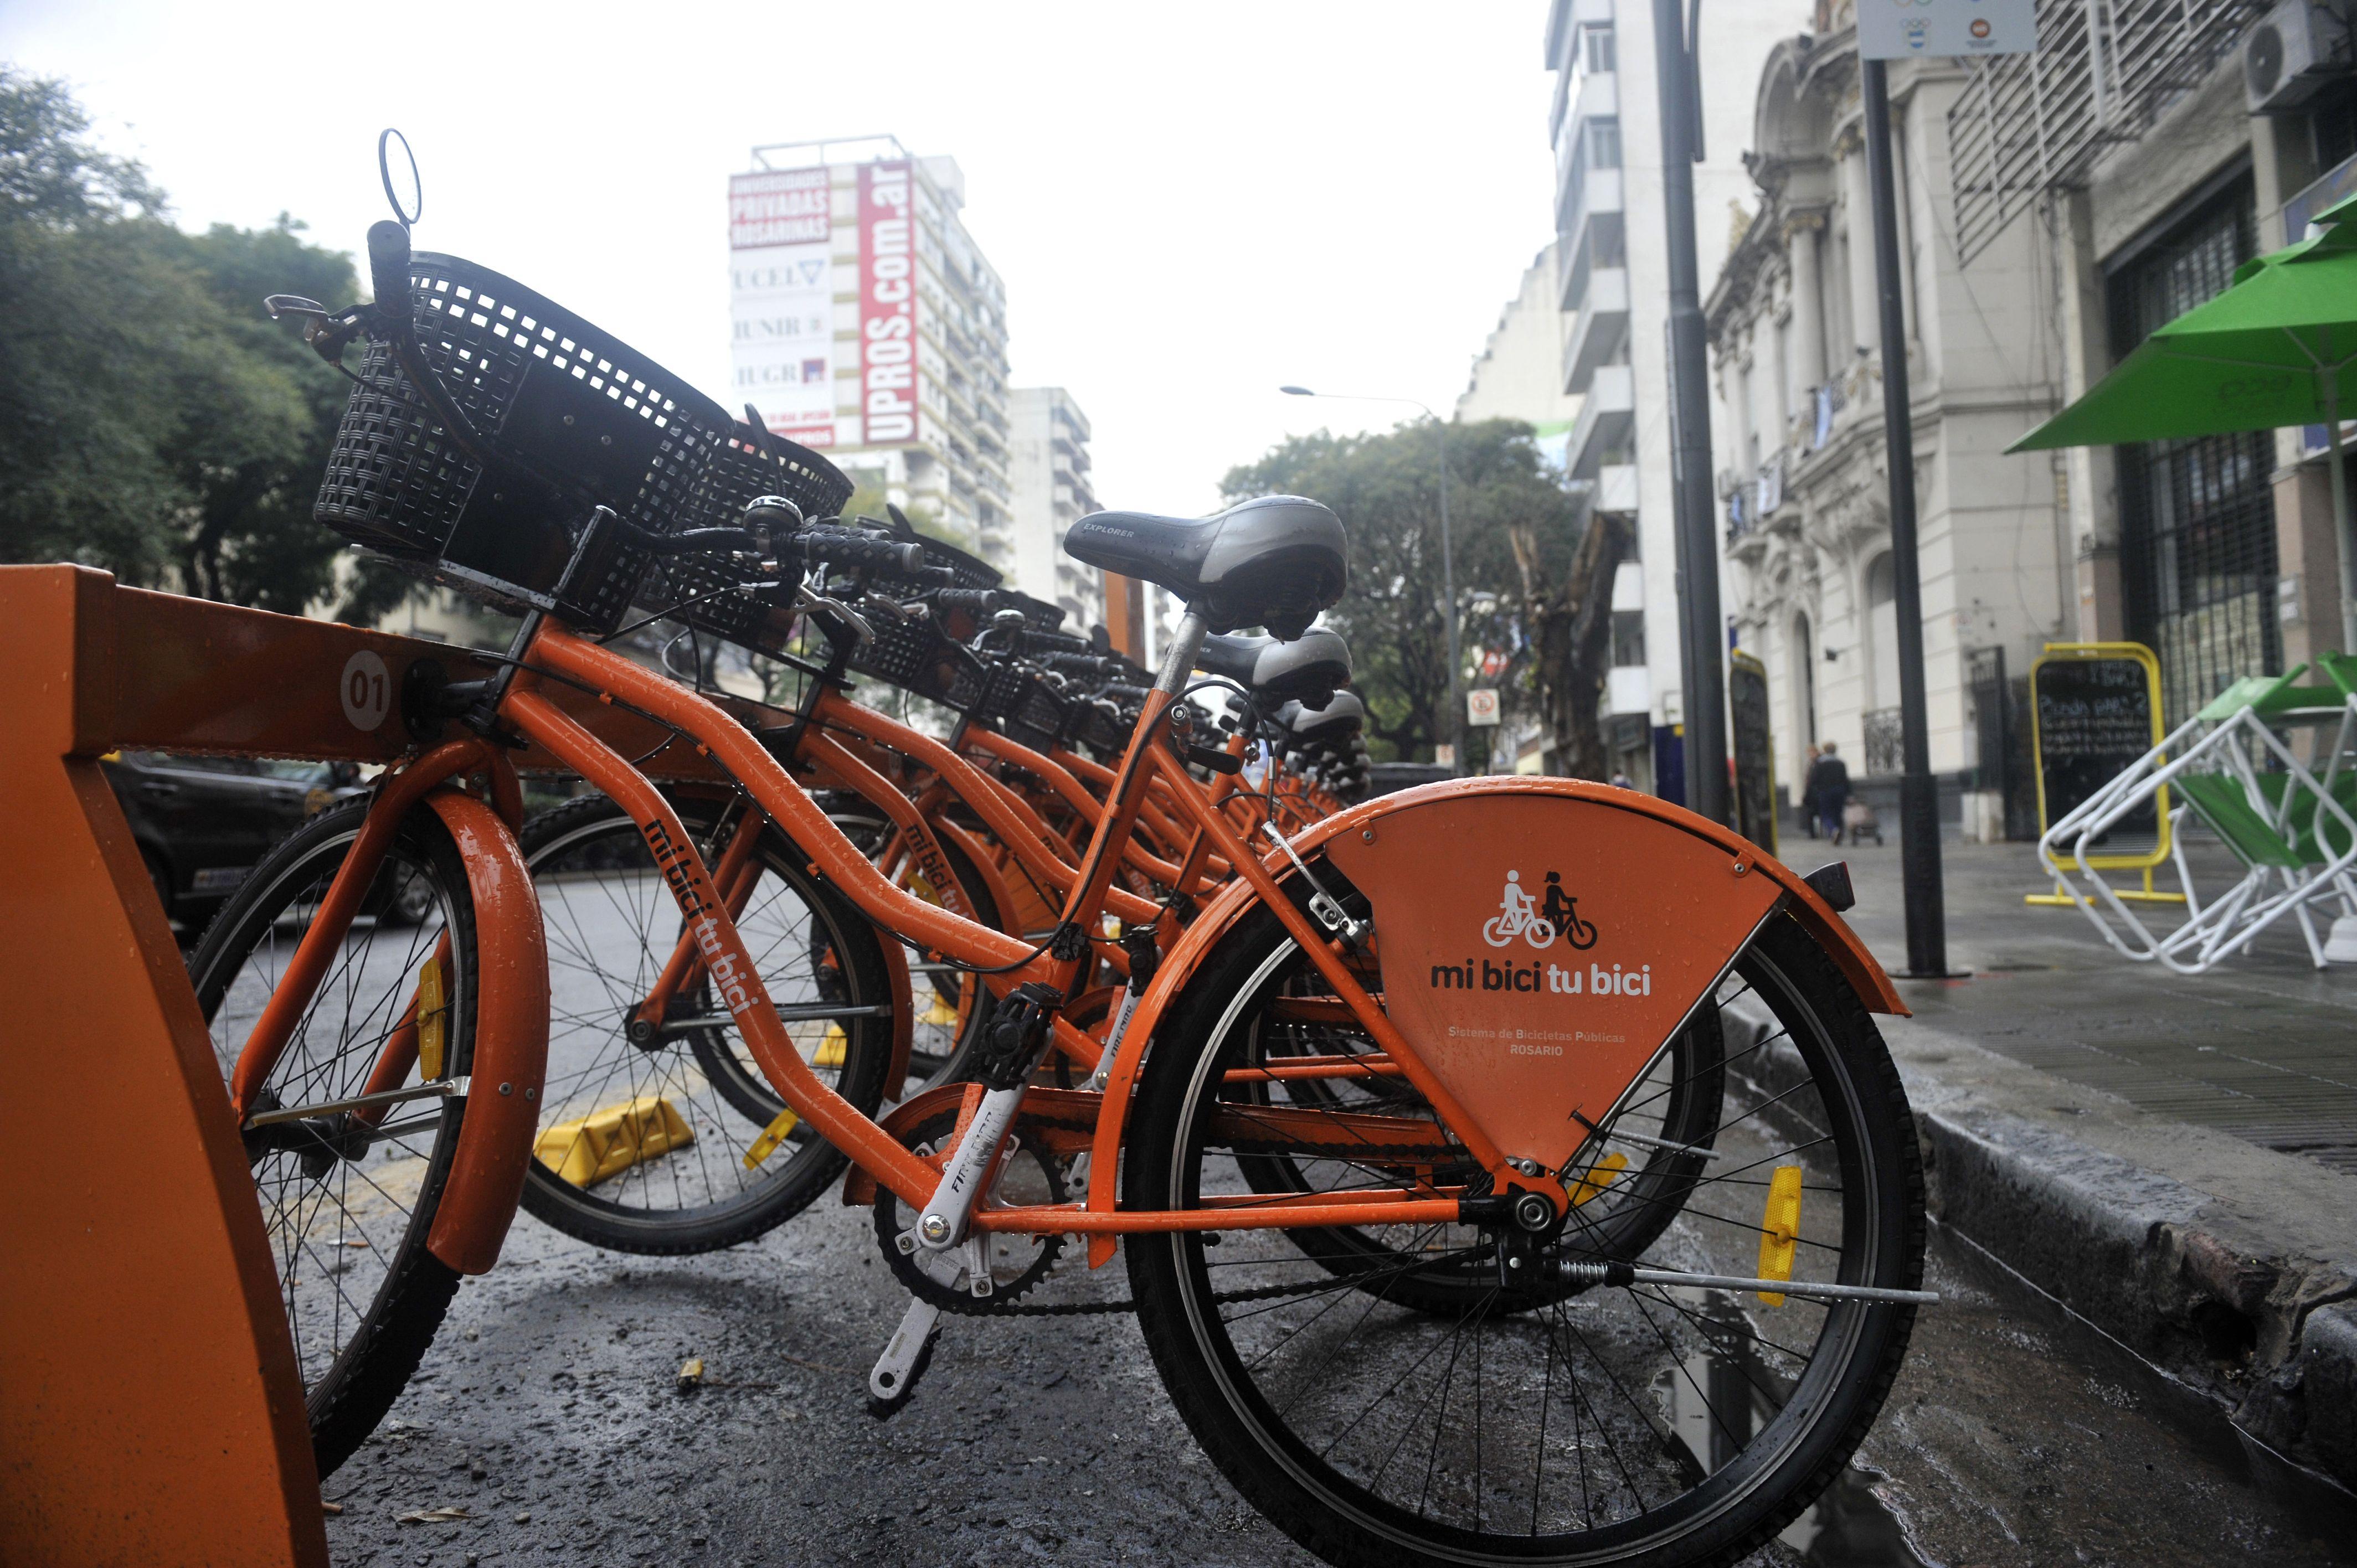 El Ente de la Movilidad propone tres tipos de suscripciones tarifarias: diarias